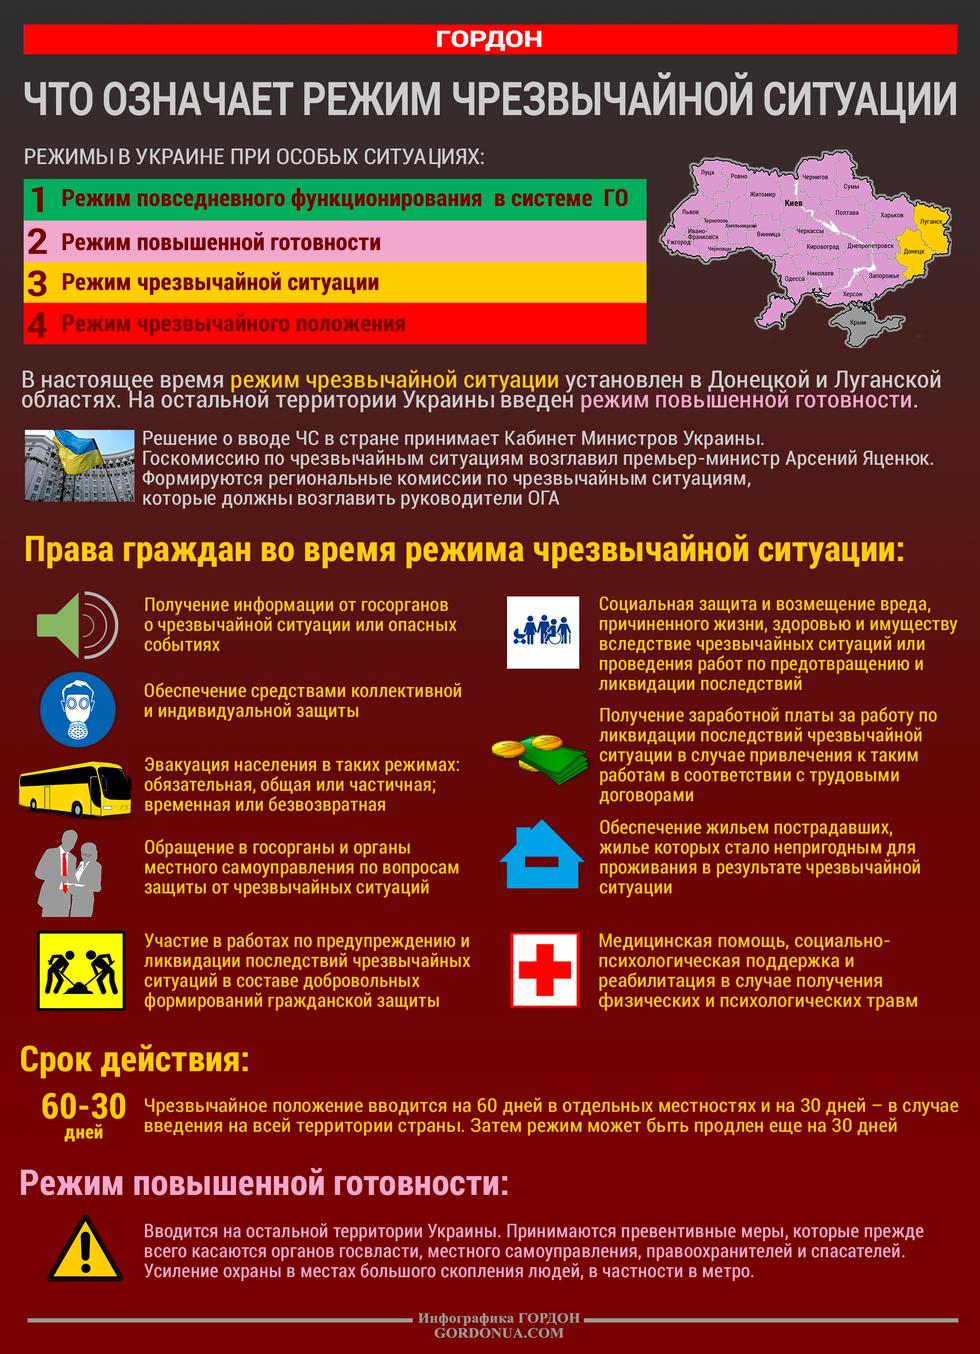 Военное положение в Украине, как чрезвычайная ситуация